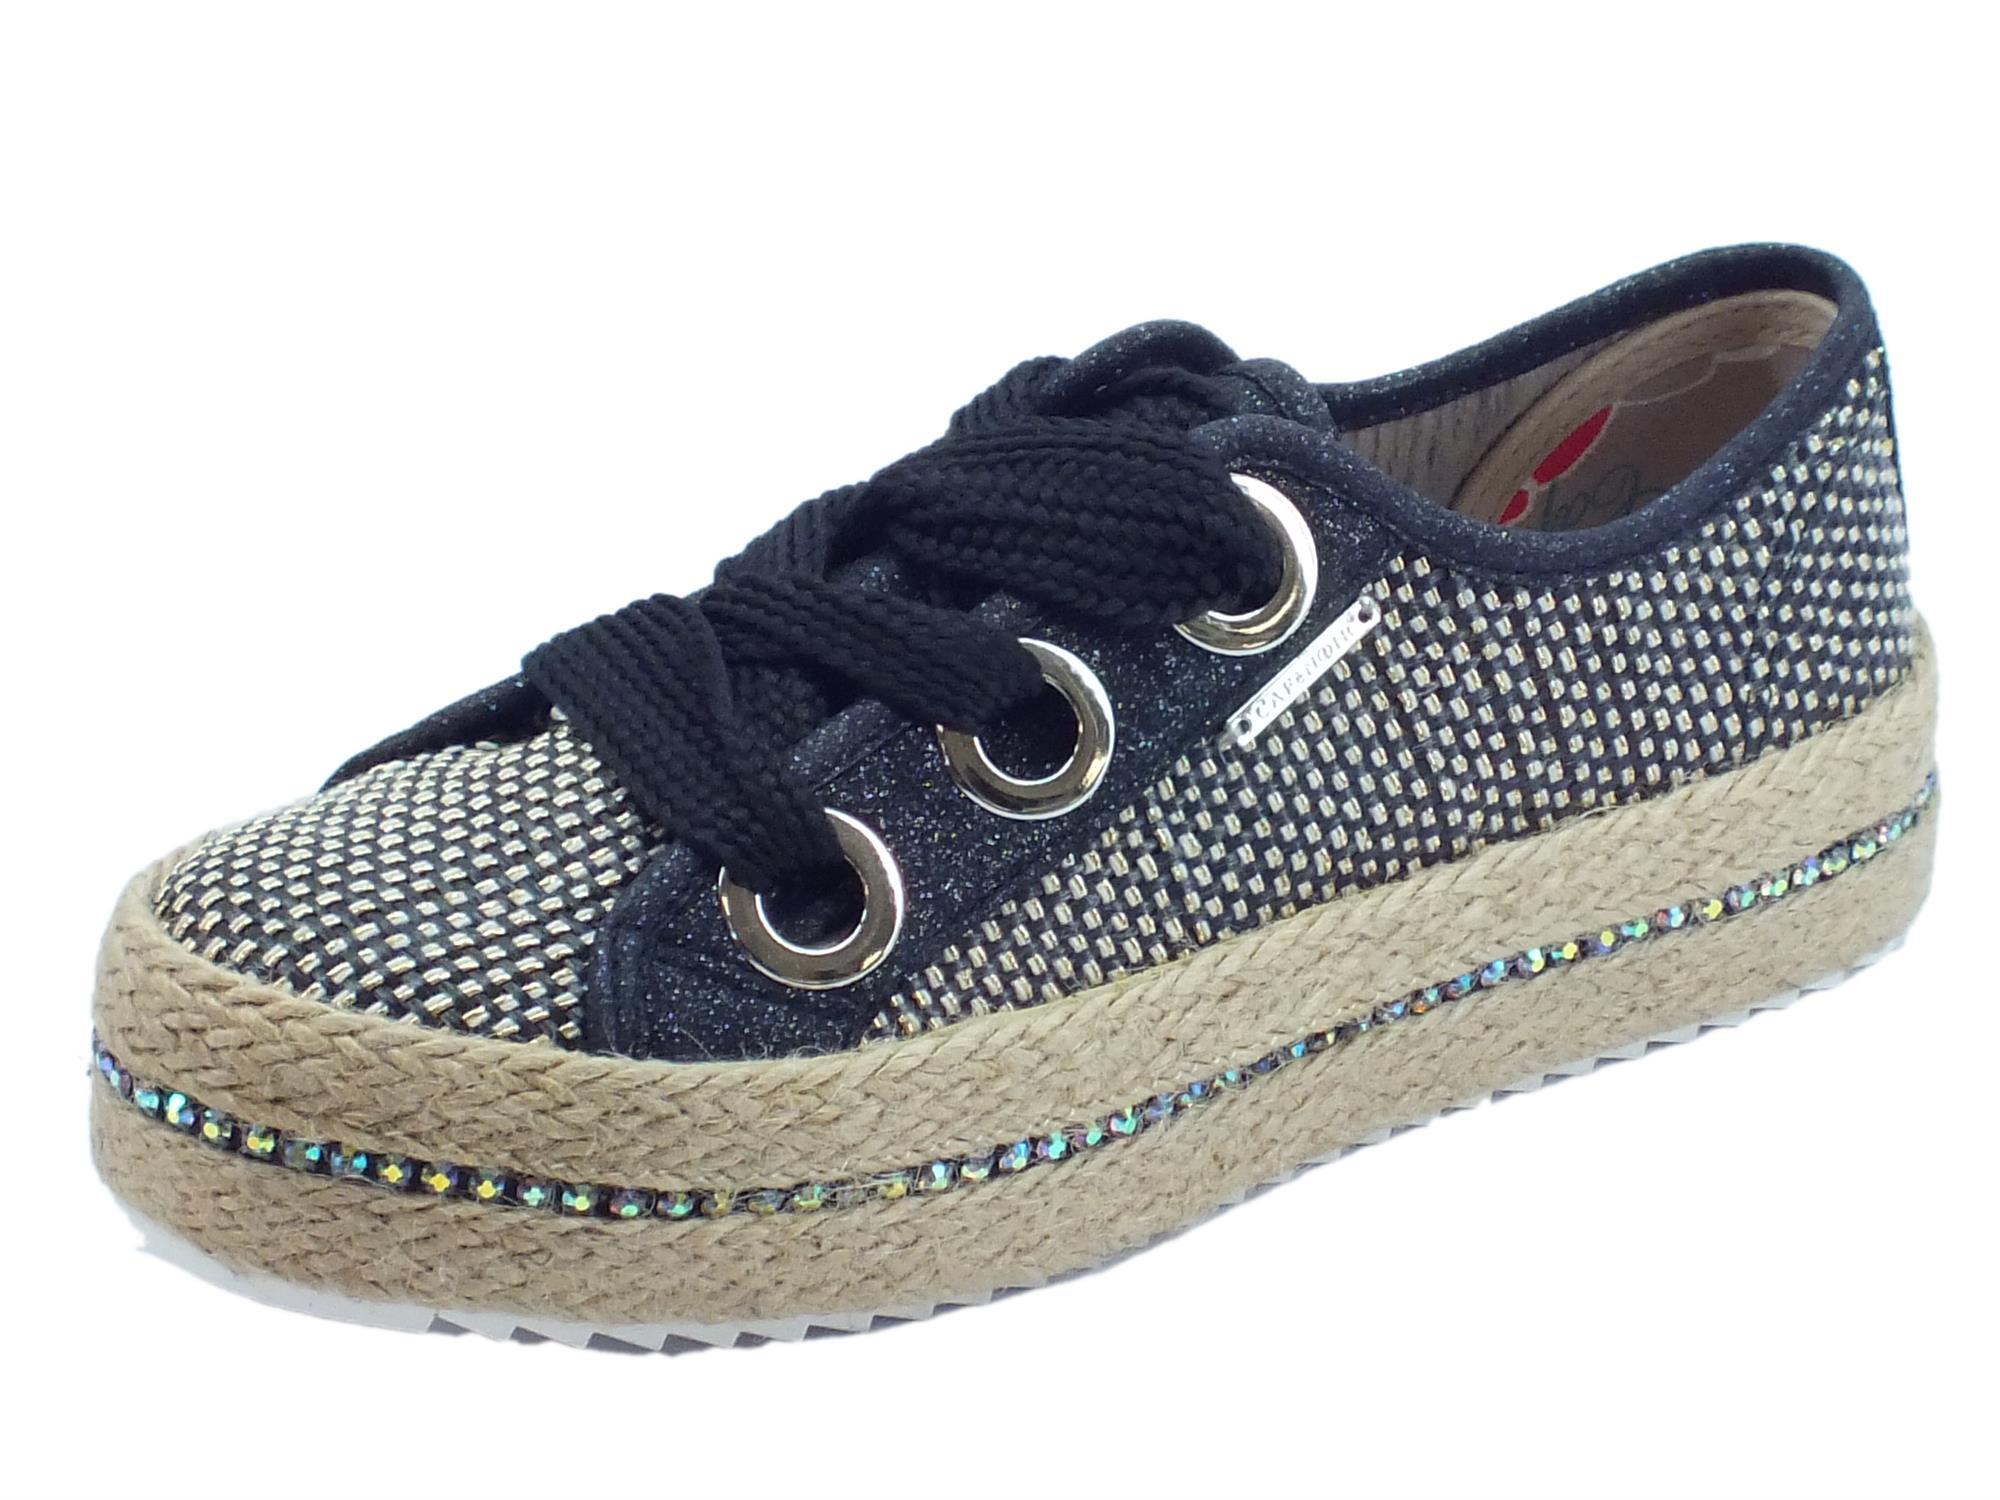 Sneakers CafèNoir in sintetico effetto tela nero oro brillantinato nero  zeppa in corda 8efe6ff0839